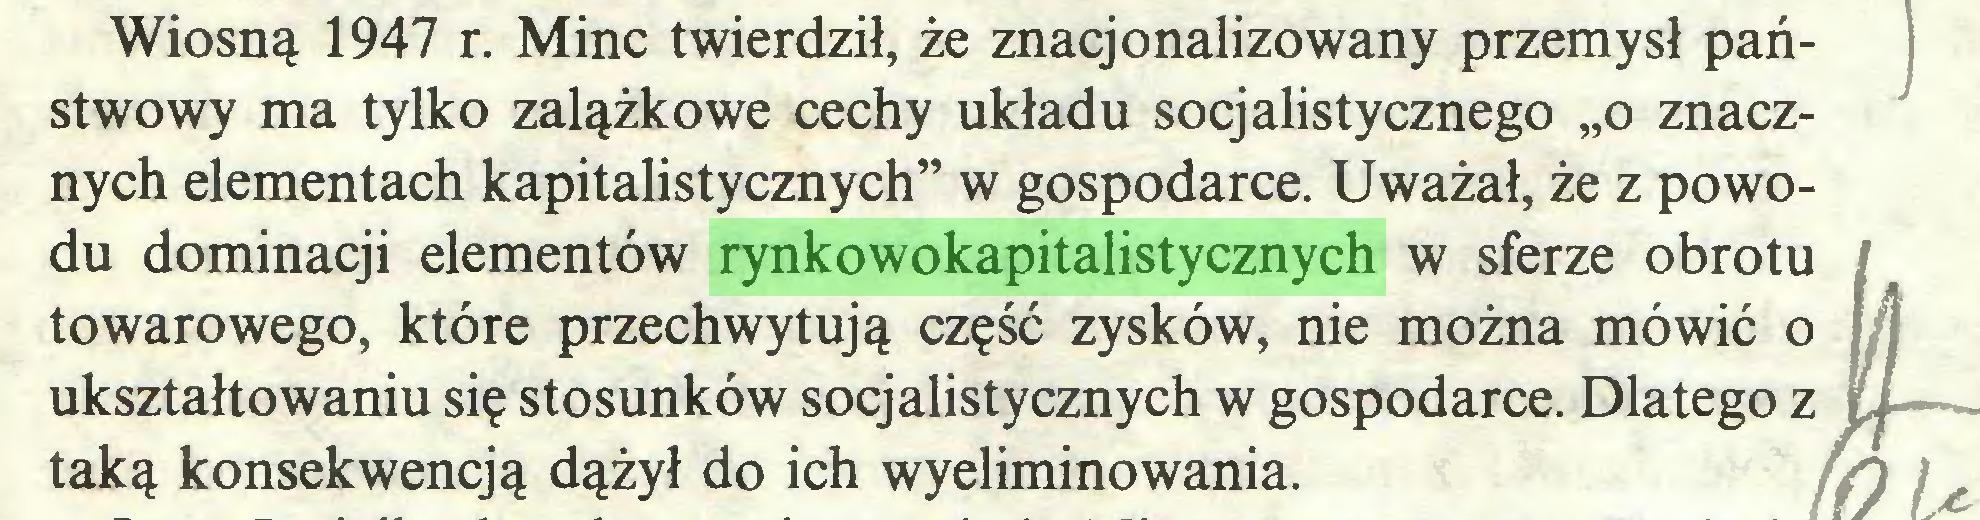 """(...) Wiosną 1947 r. Minc twierdził, że znacjonalizowany przemysł państwowy ma tylko zalążkowe cechy układu socjalistycznego """"o znacznych elementach kapitalistycznych"""" w gospodarce. Uważał, że z powodu dominacji elementów rynkowokapitalistycznych w sferze obrotu towarowego, które przechwytują część zysków, nie można mówić o ukształtowaniu się stosunków socjalistycznych w gospodarce. Dlatego z taką konsekwencją dążył do ich wyeliminowania. ffl i..."""